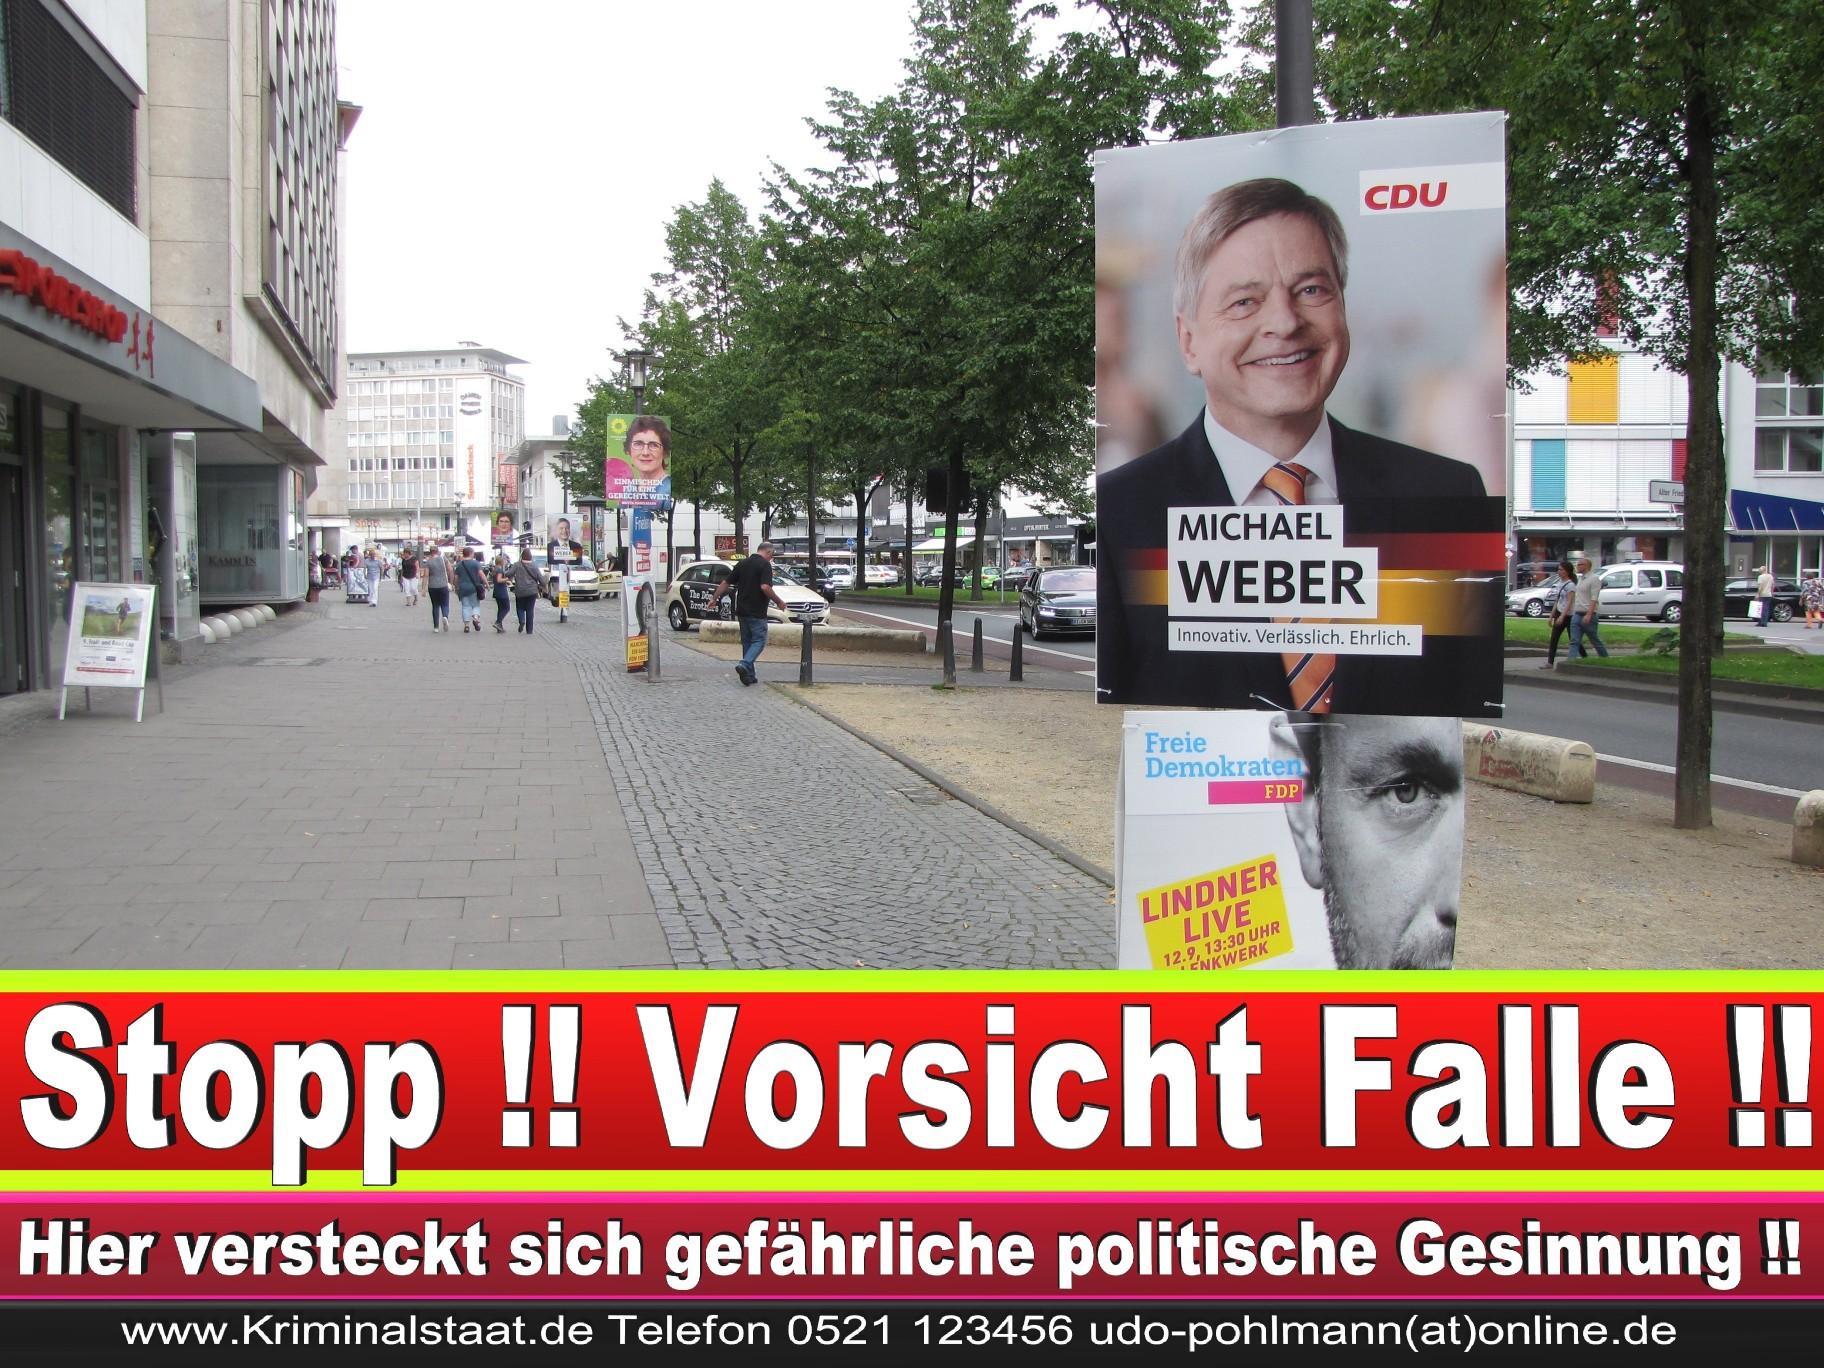 Wahlwerbung Wahlplakate Landtagswahl 2019 Europawahl CDU SPD FDP 2021 (38)